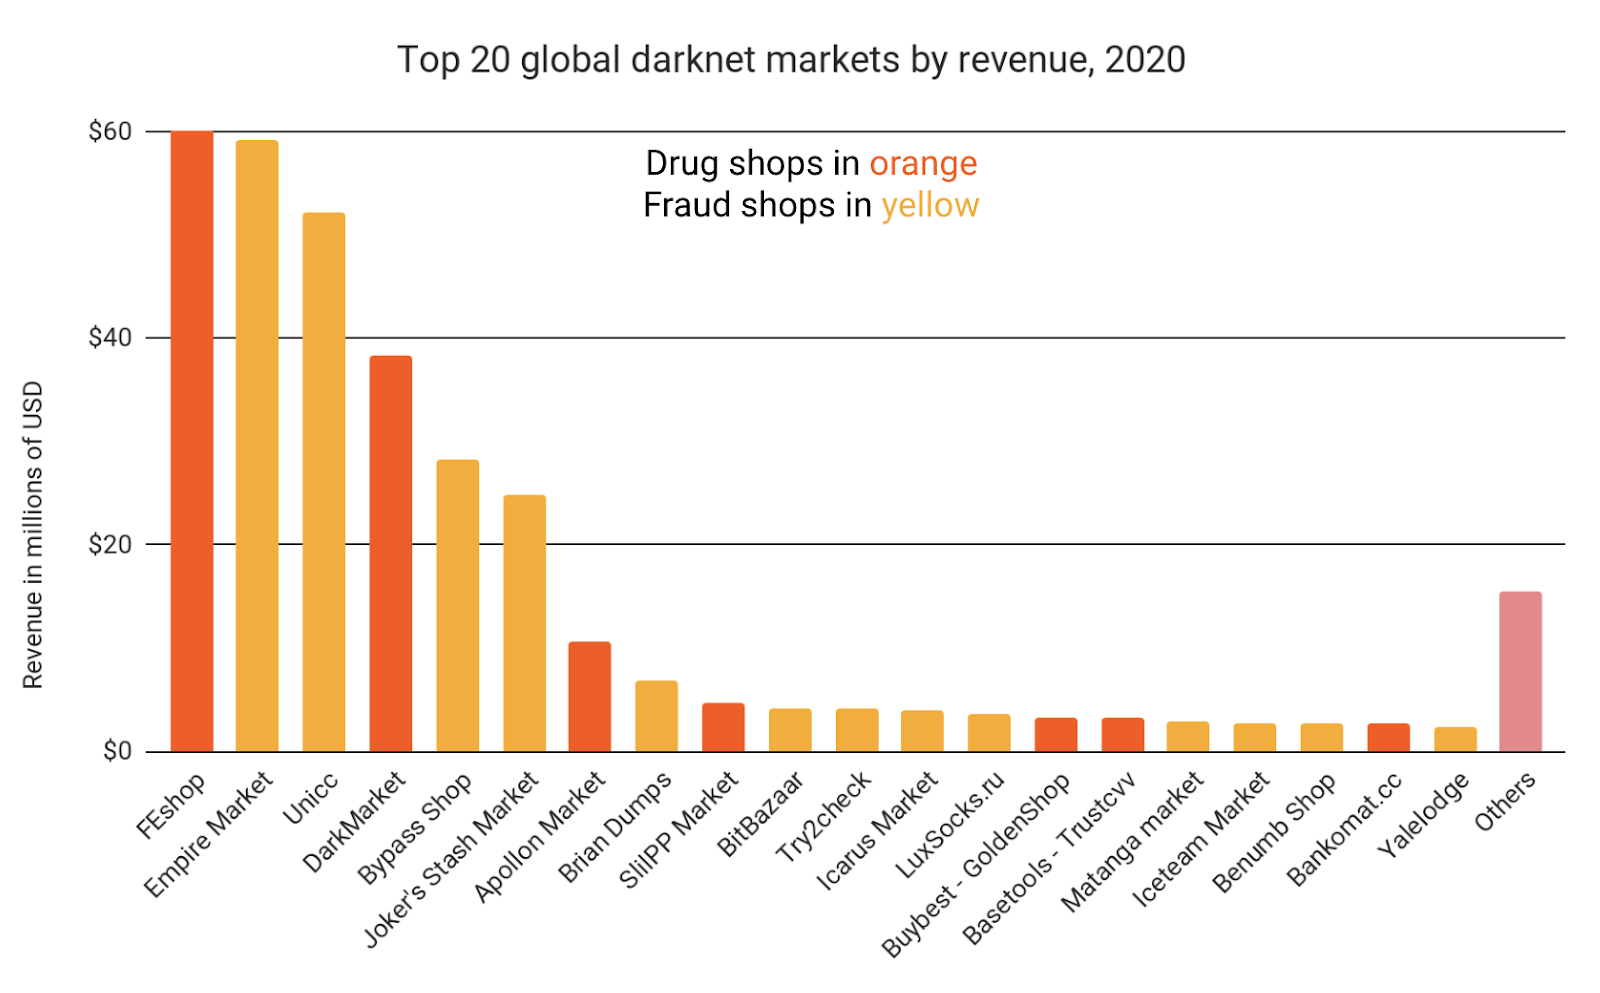 Drug markets vs. Fraud markets